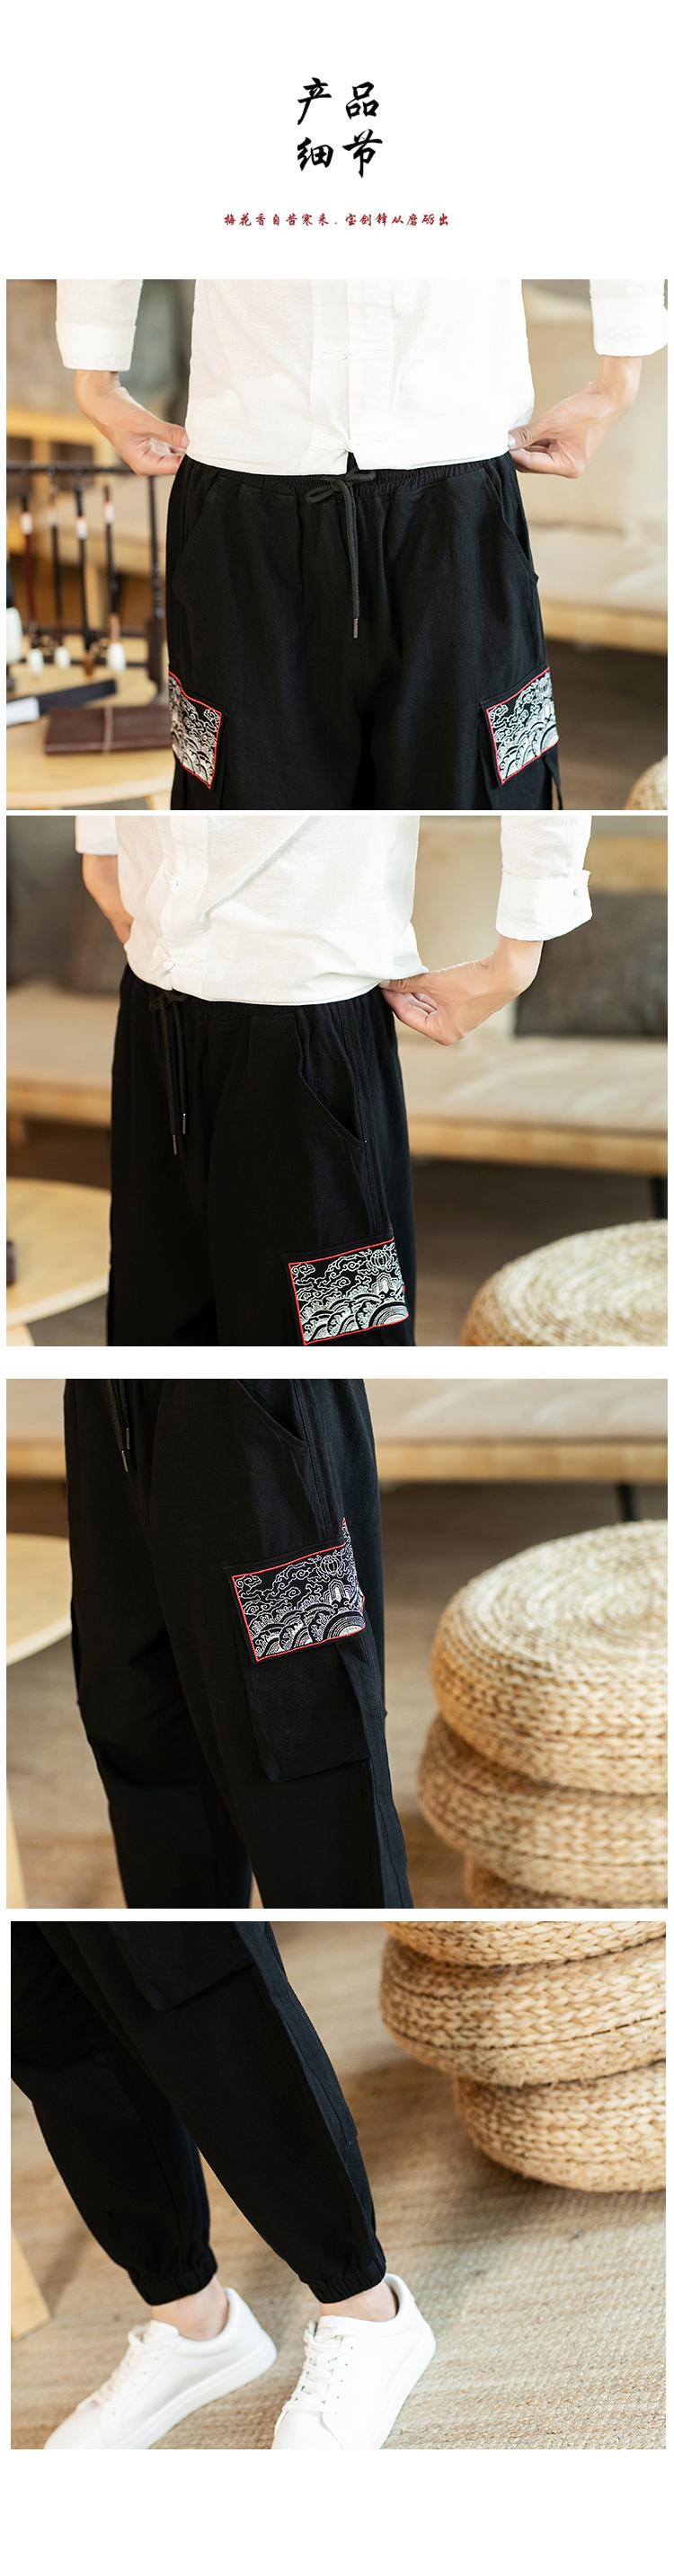 现货!中国风新款棉麻绣花工装裤束脚裤QT4029-K912-P65